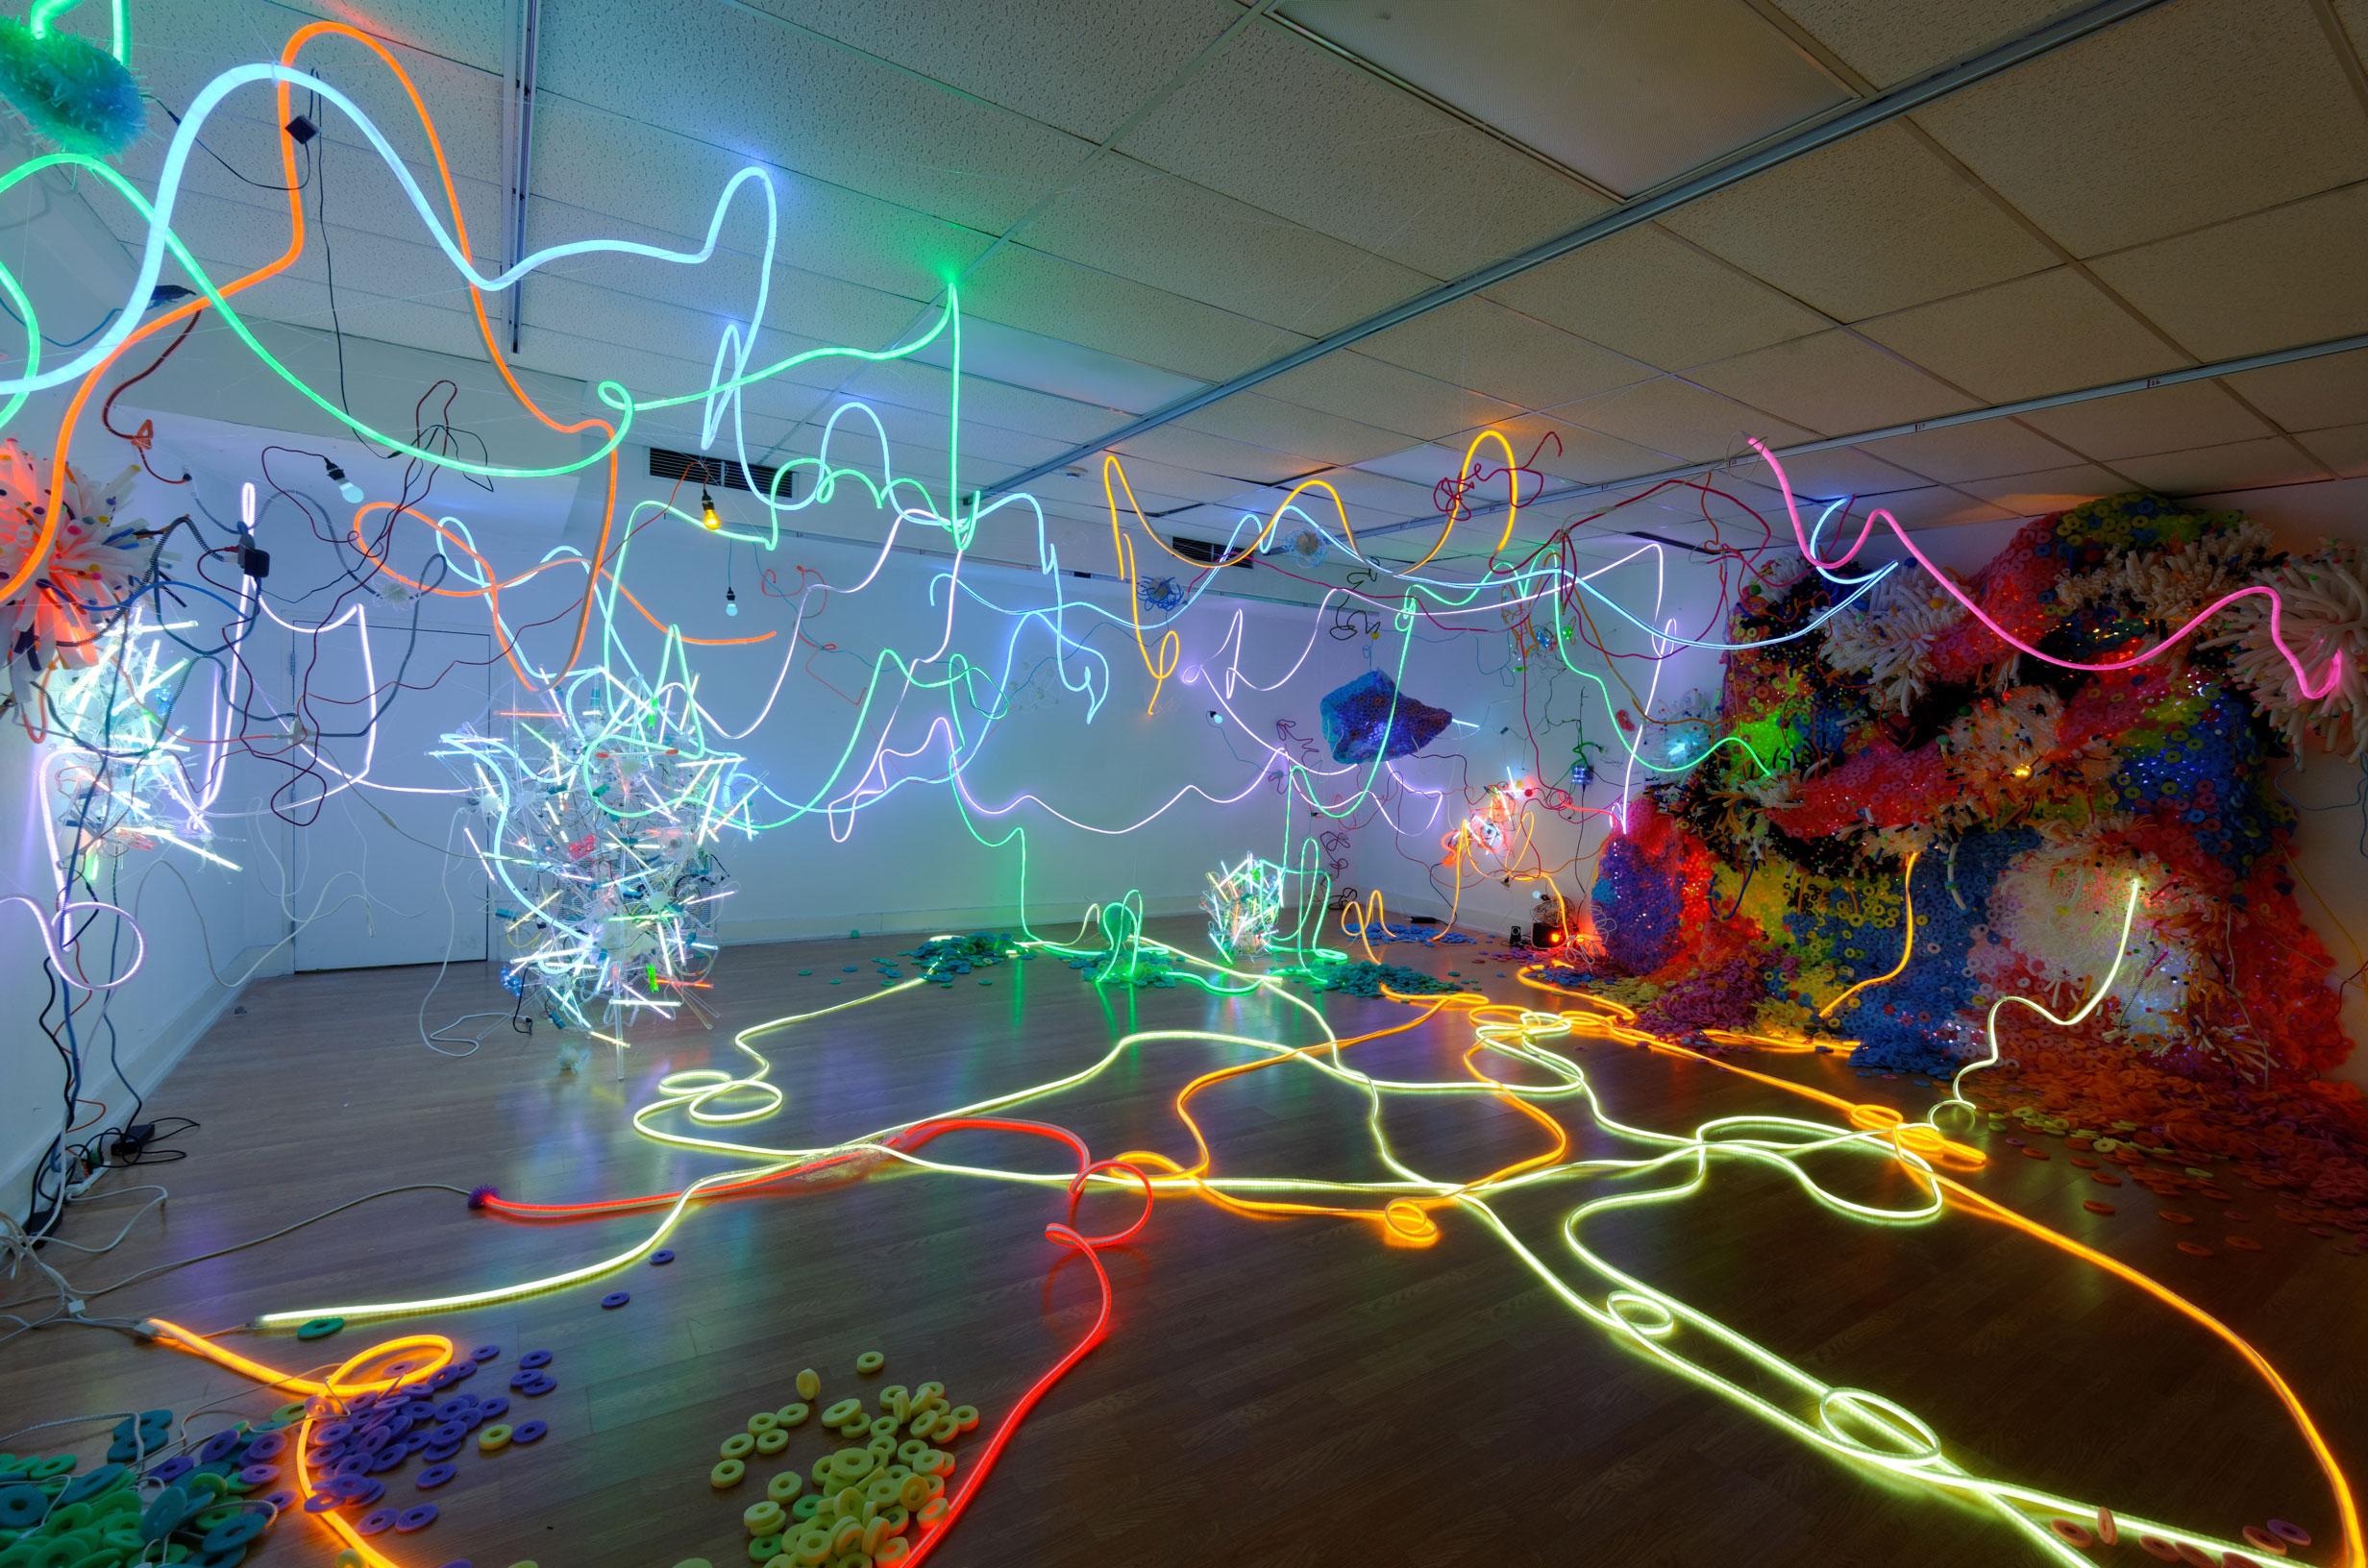 Adela Andea, Quantum Strings Flex Neon, CCF Licht, Plexiglas, Schaumstoff, Ausstellungsansicht, Cora Stafford Gallery, Denton, TX, USA, 2012 © Adela Andea